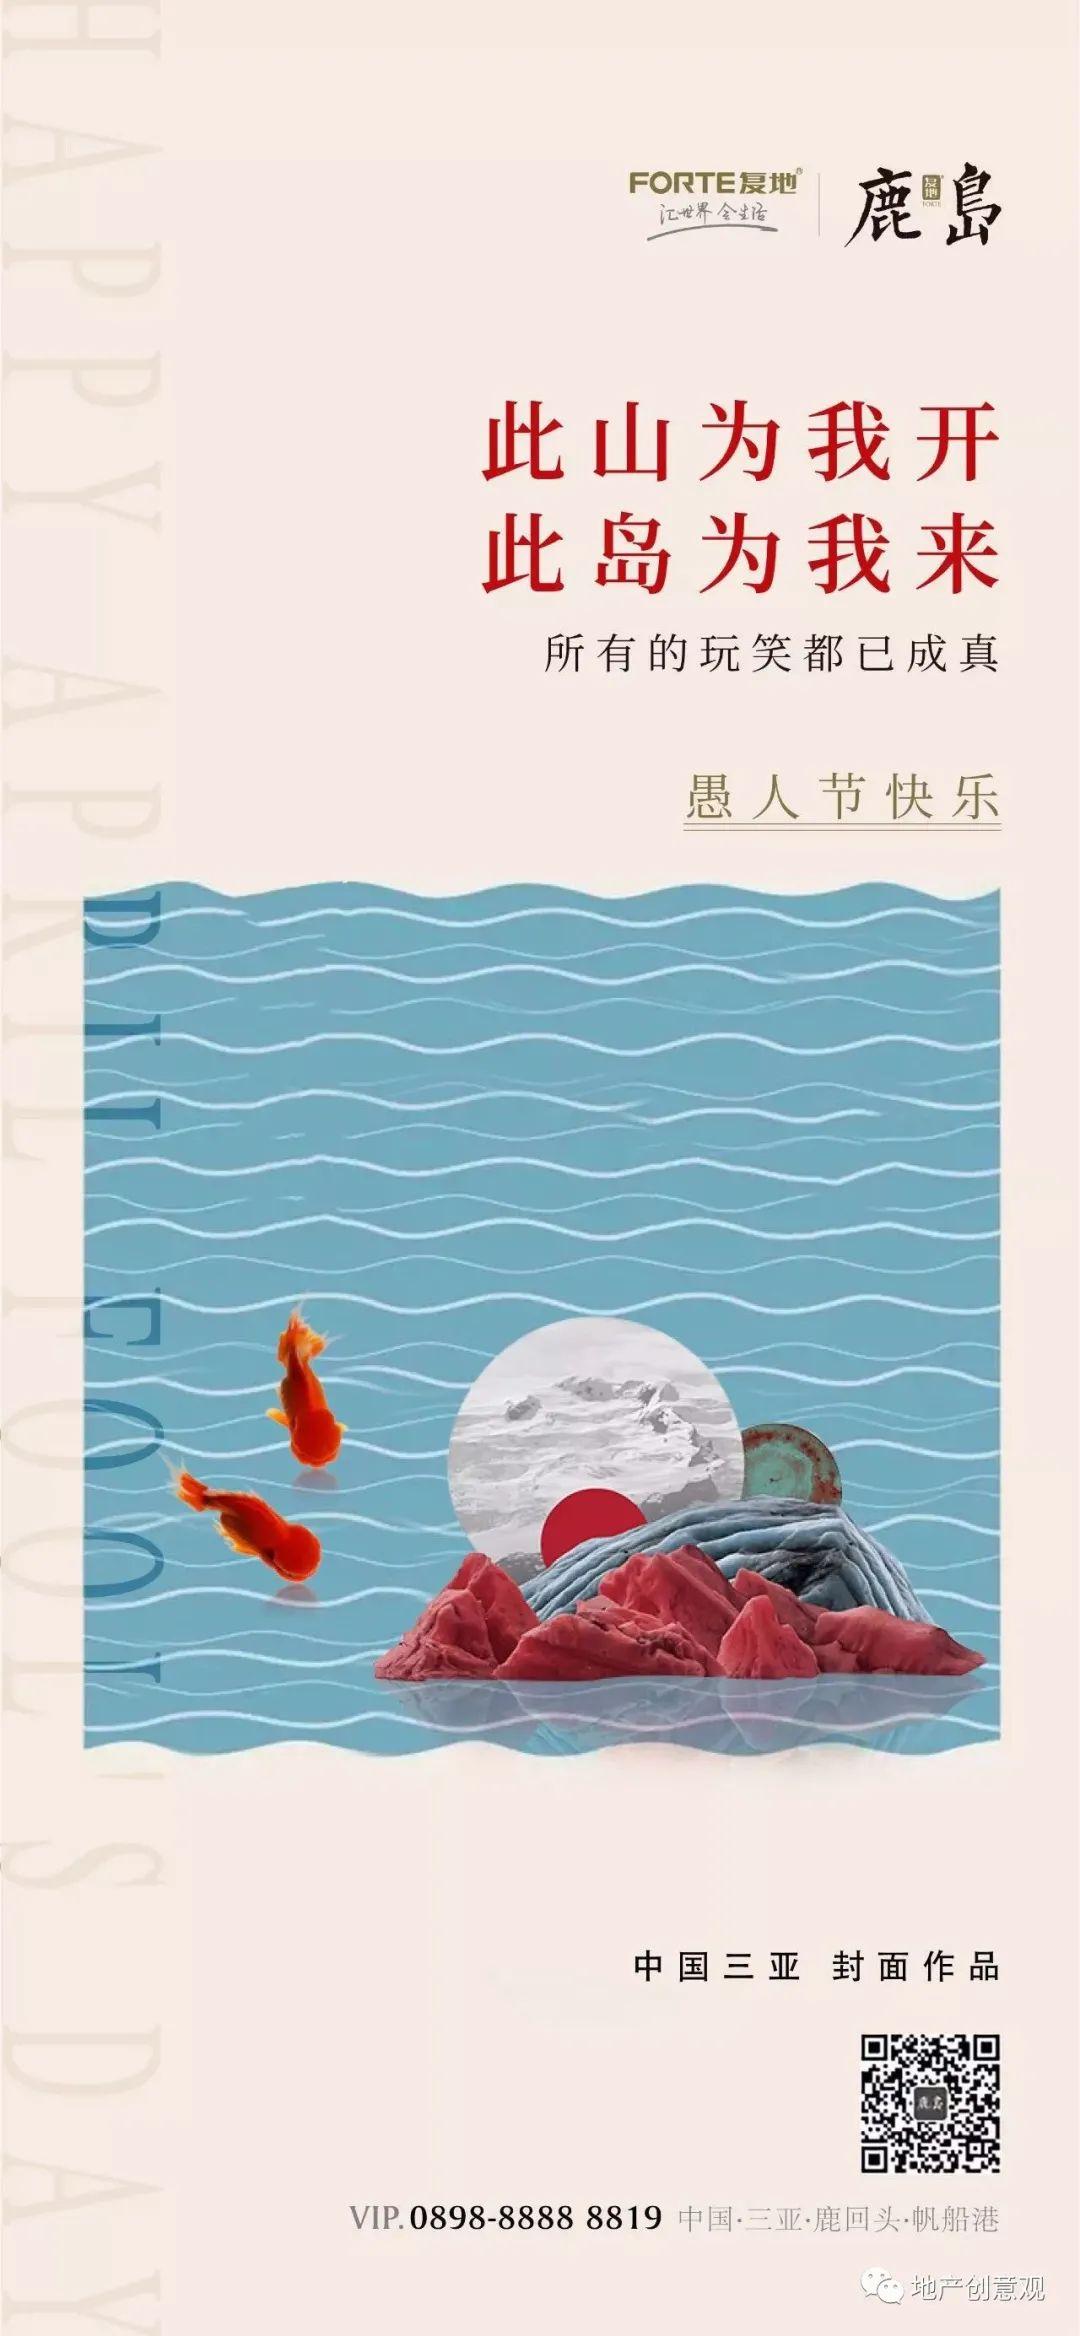 地产广告丨2021愚人节借势海报文案欣赏~插图170